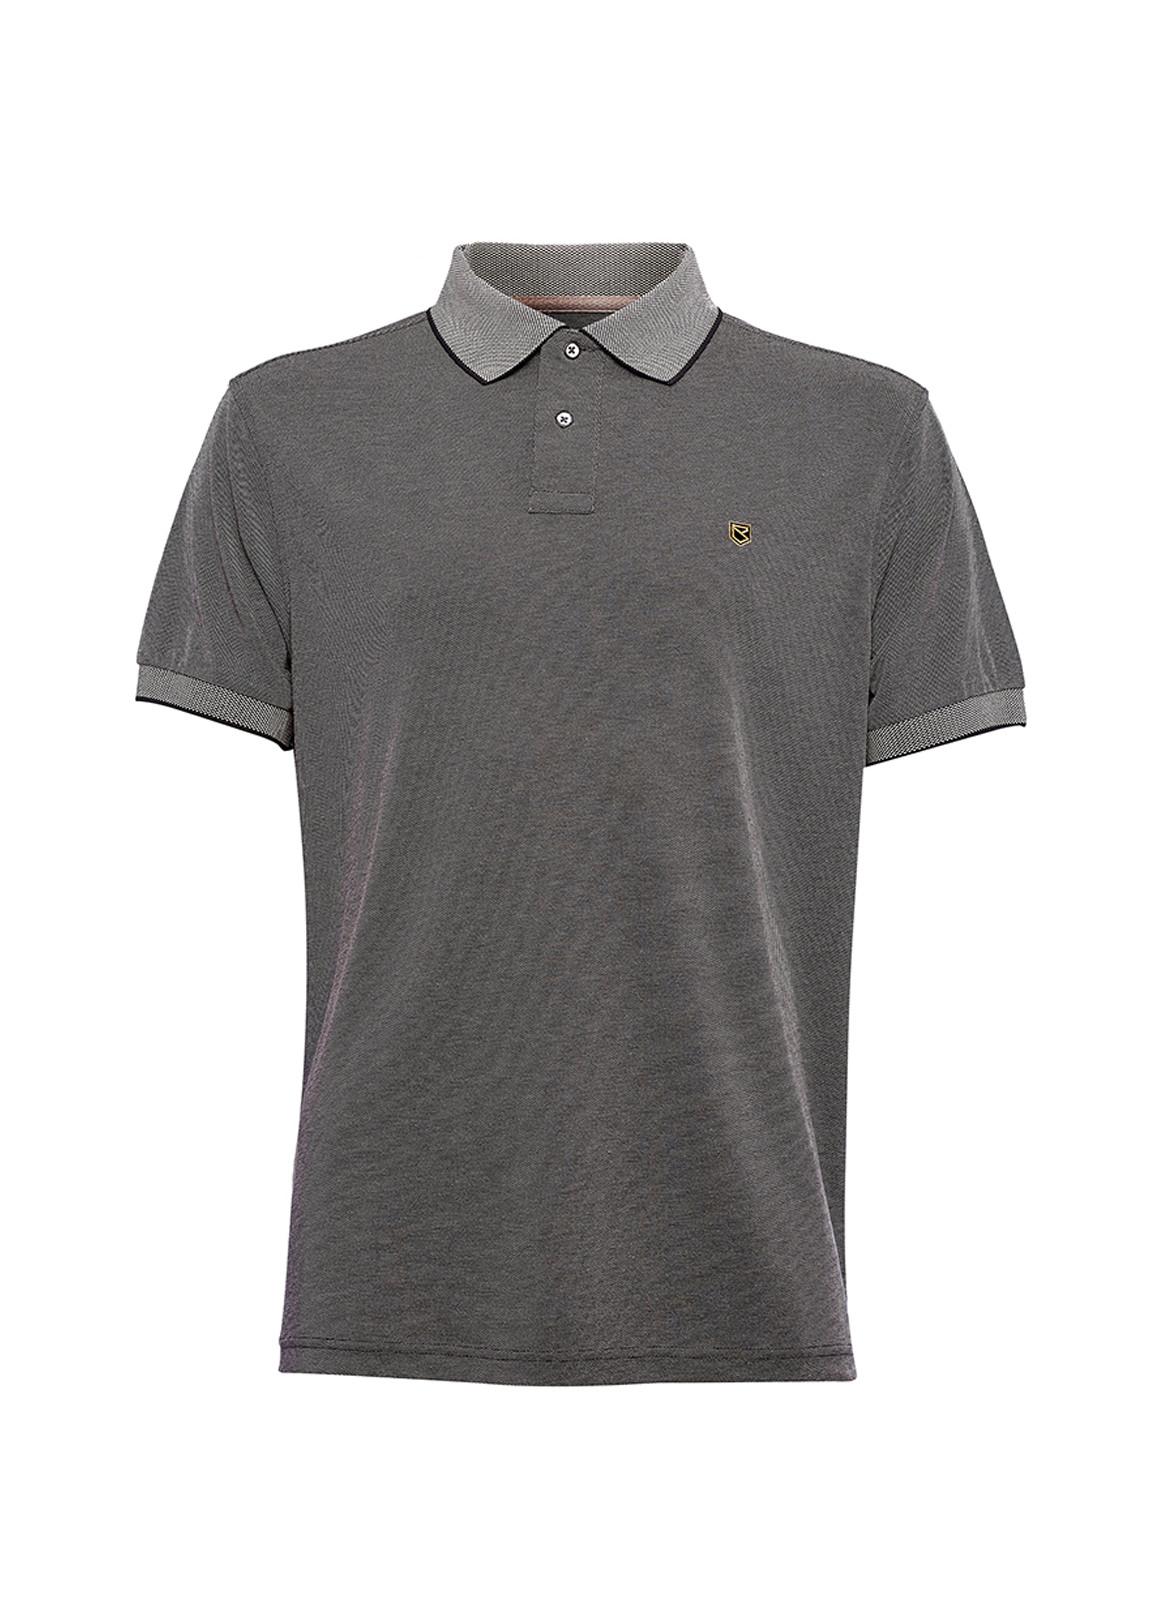 Dubarry_ Kylemore polo shirt - Graphite_Image_2